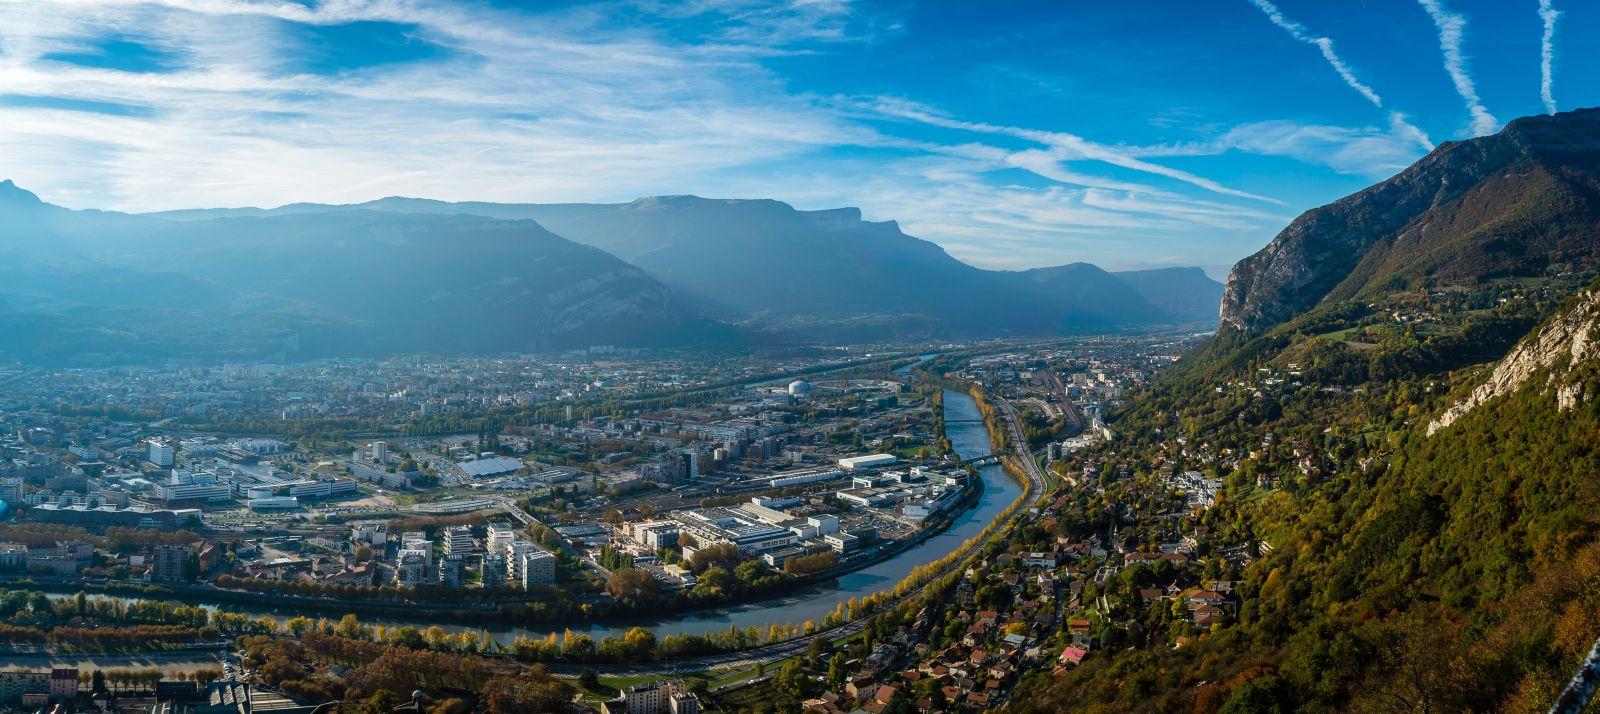 Le campus de Grenoble se trouve à Saint Martin d'Hères : un investissement locatif très rentable